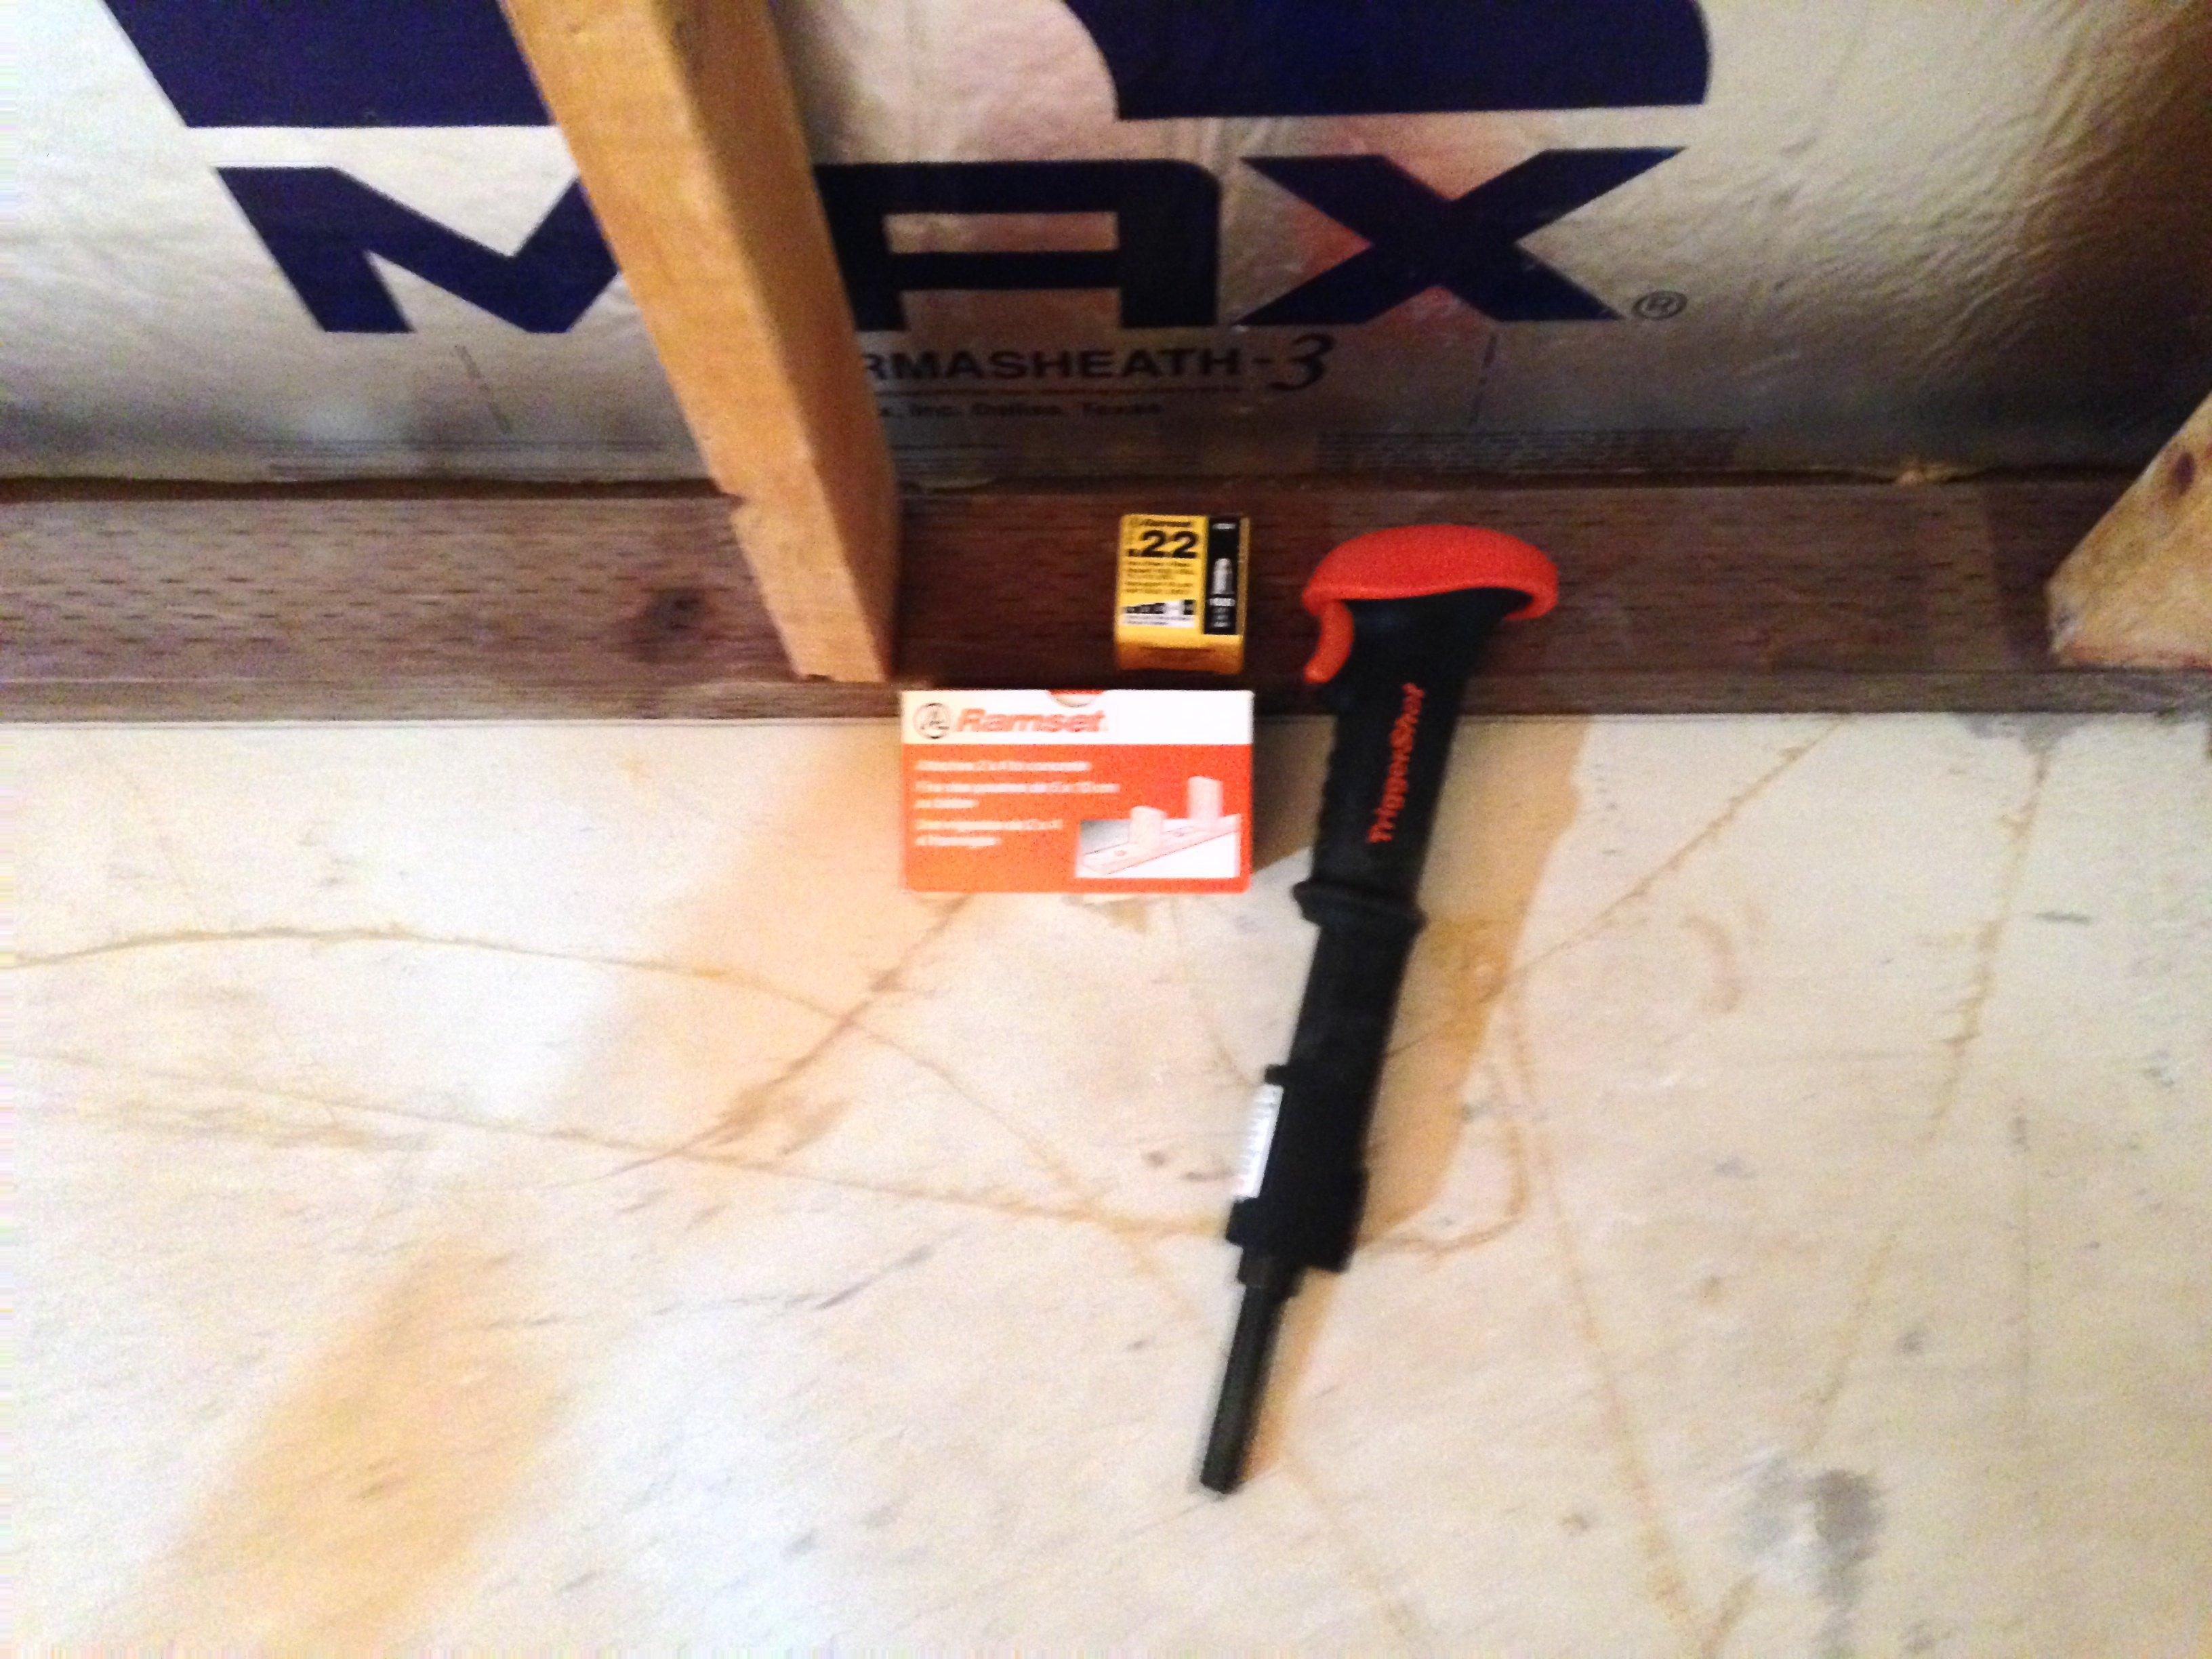 Ramshot nail gun